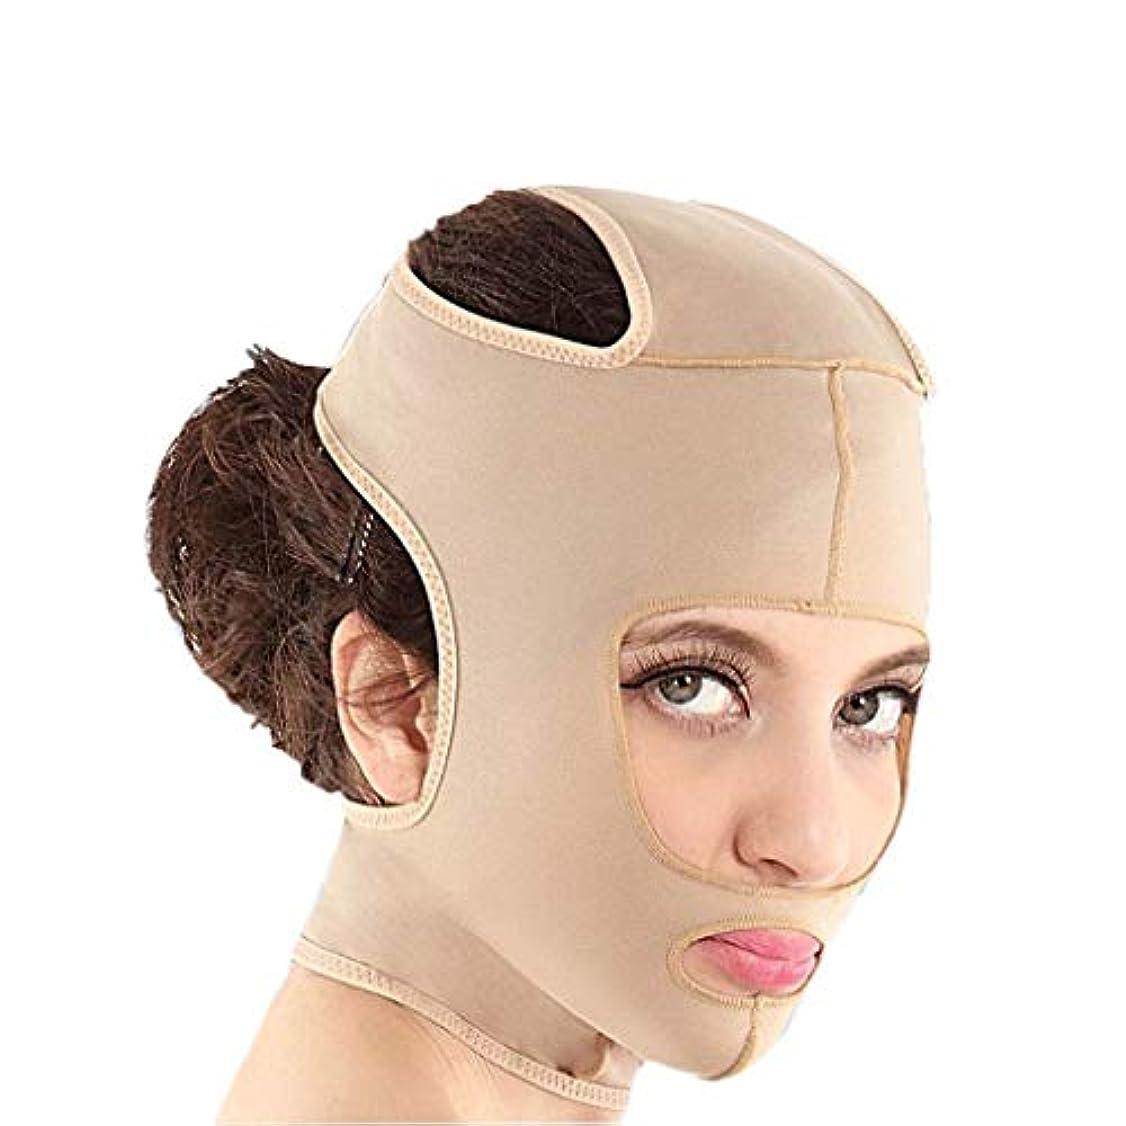 誰かショッピングセンター良心フェイスリフティングマスク、リフティングスキンリンクルシンダブルチンシンフェイスバンデージオブスキンサギング(サイズ:Xl)